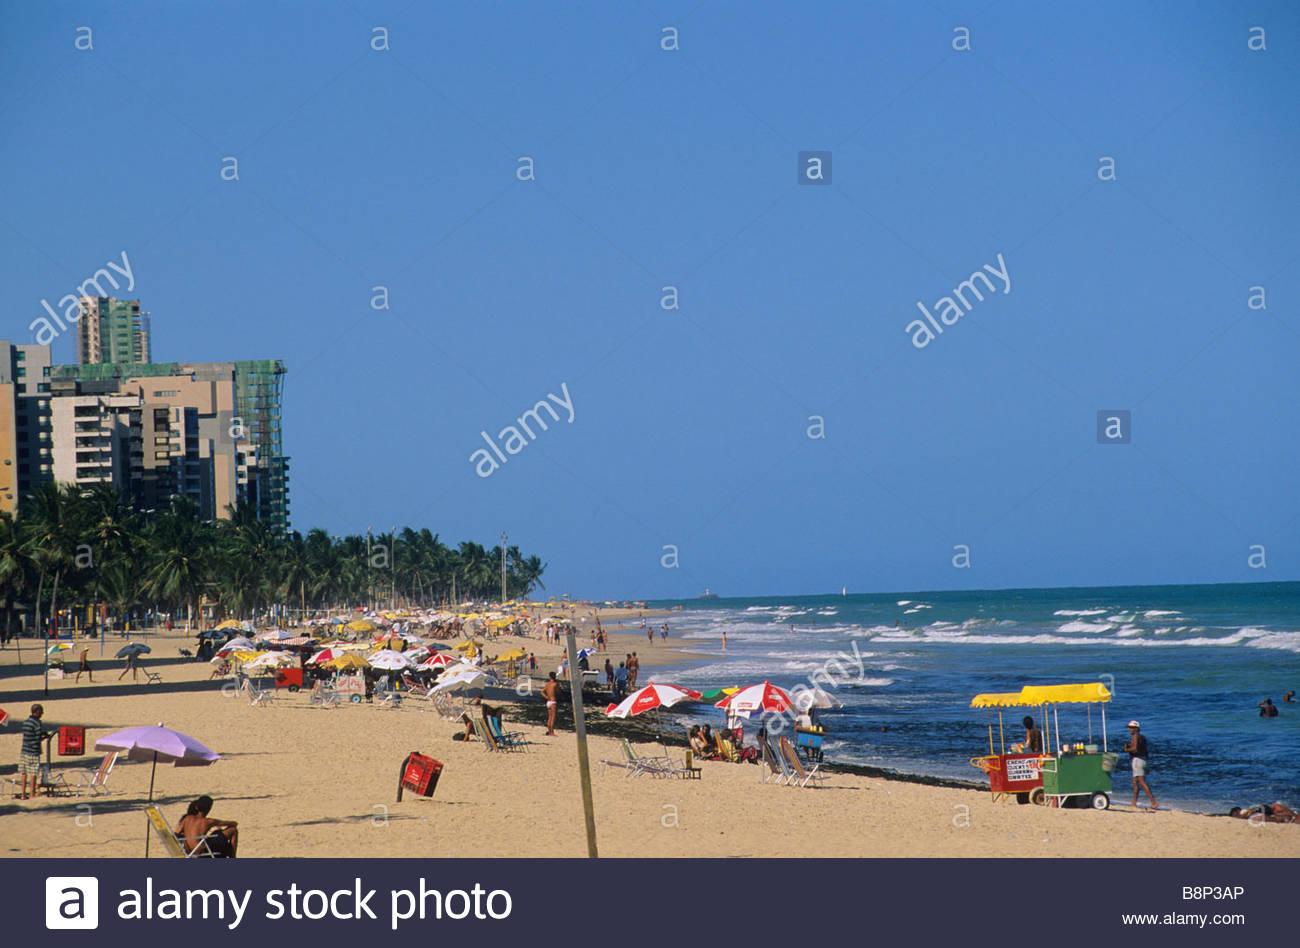 boa viagem beach, recife, brazil - Stock Image